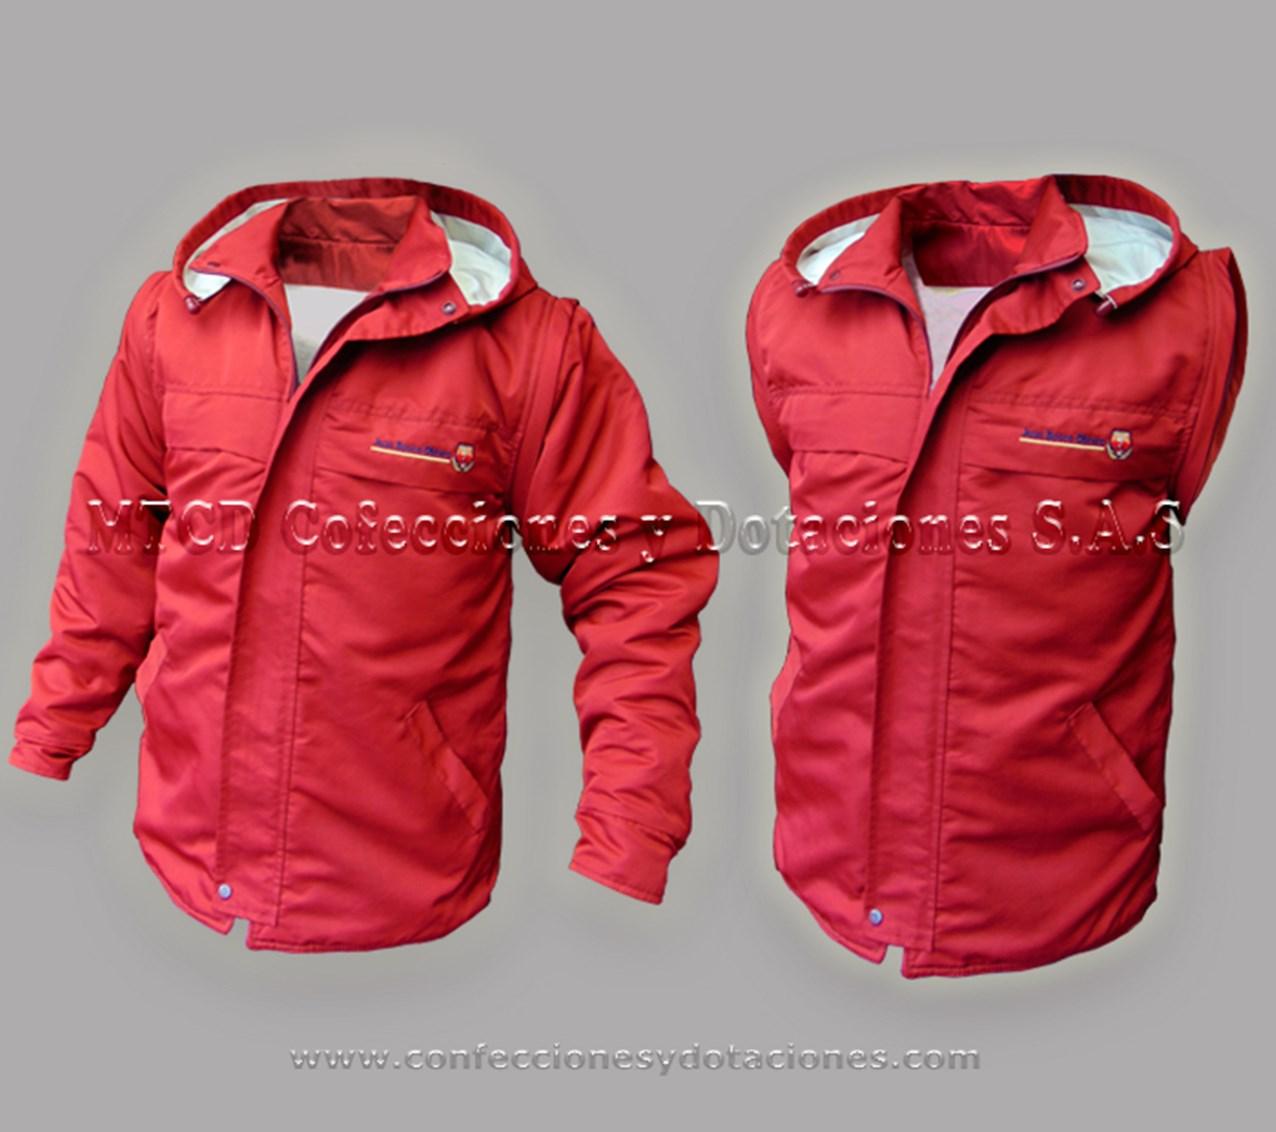 Chaqueta doble funcion, chaqueta y chaleco